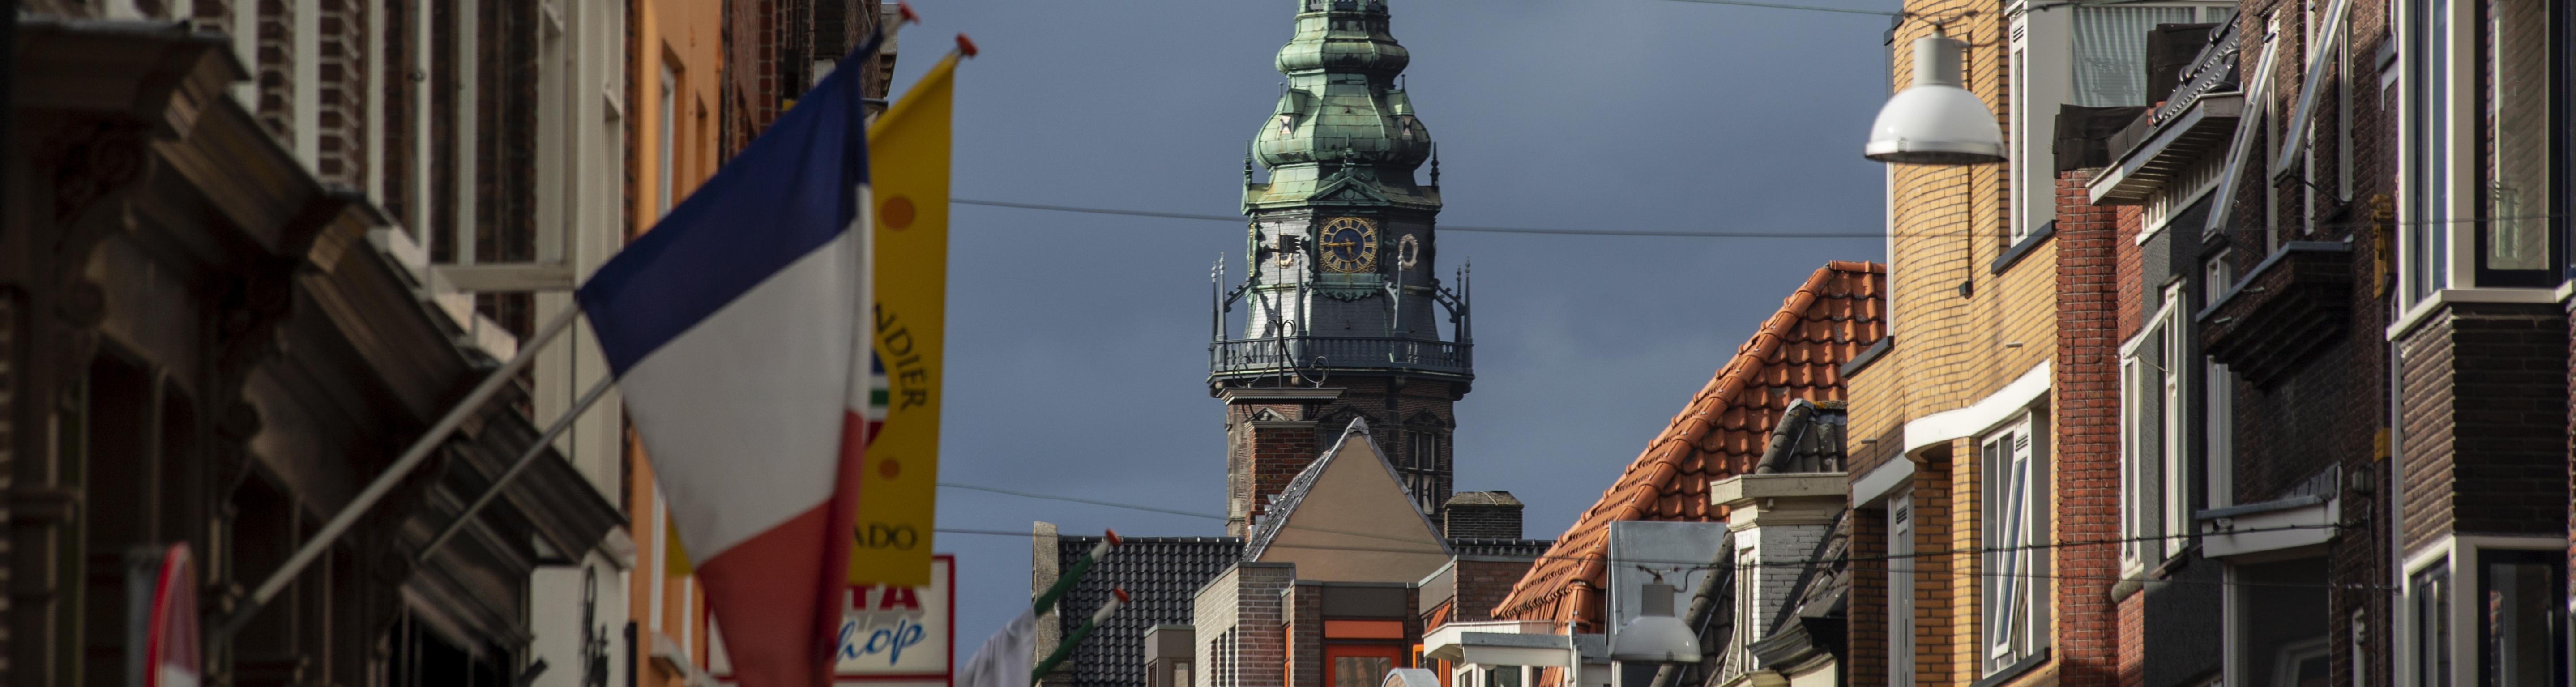 academietoren vanuit Folkingestraat